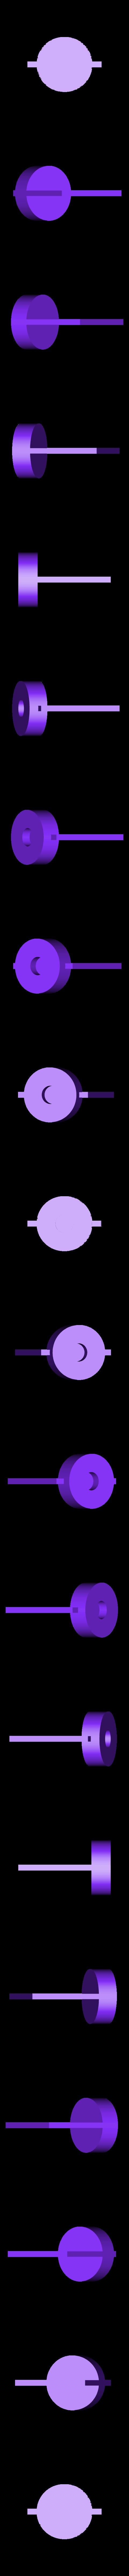 Afficheur.stl Download STL file Display for Keychain and jewelry - Display for keychain and jewelry • 3D printer model, sebydjay